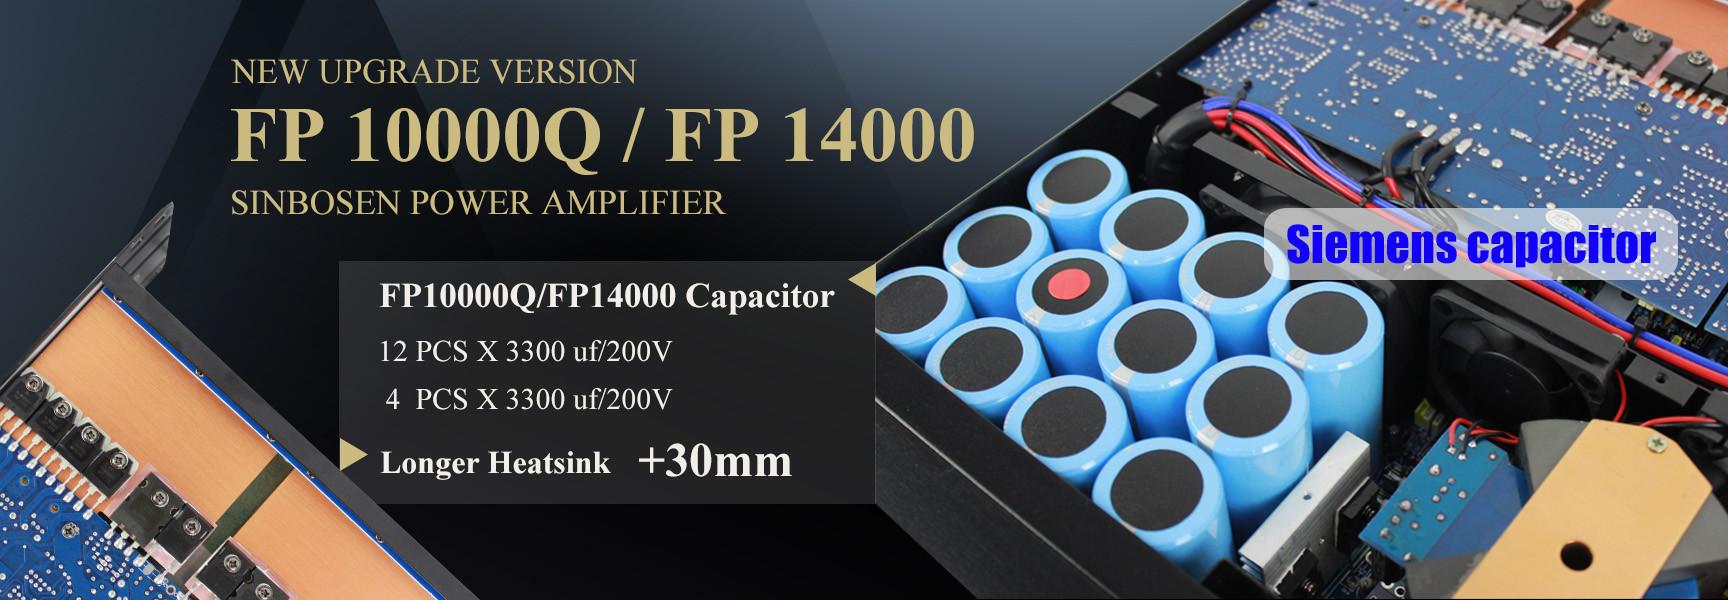 Sinbosen FP14000 / FP10000Q Ulepszona wersja wzmacniacza w sierpniu 2018 r